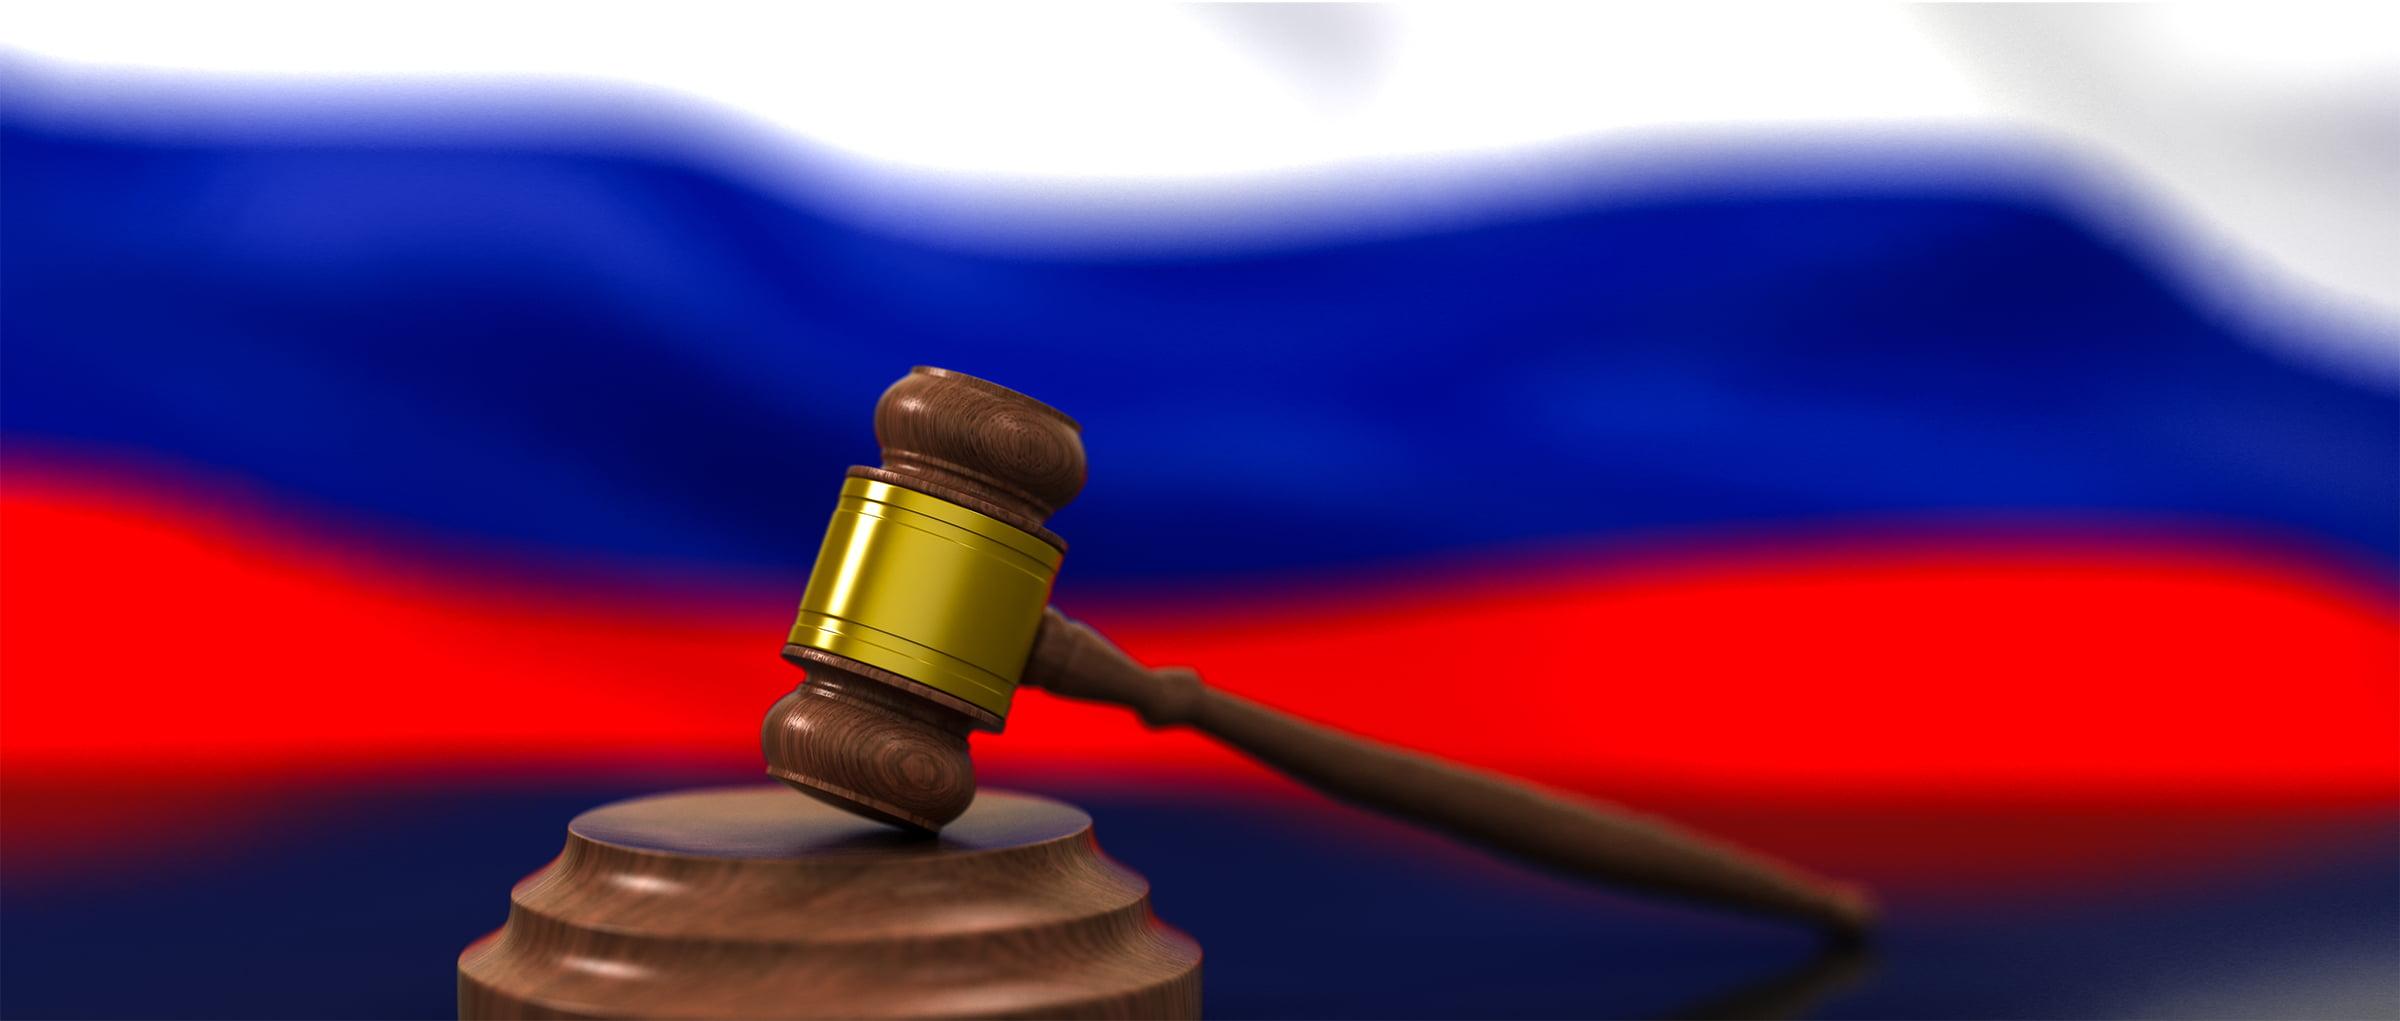 Legislación en Rusia